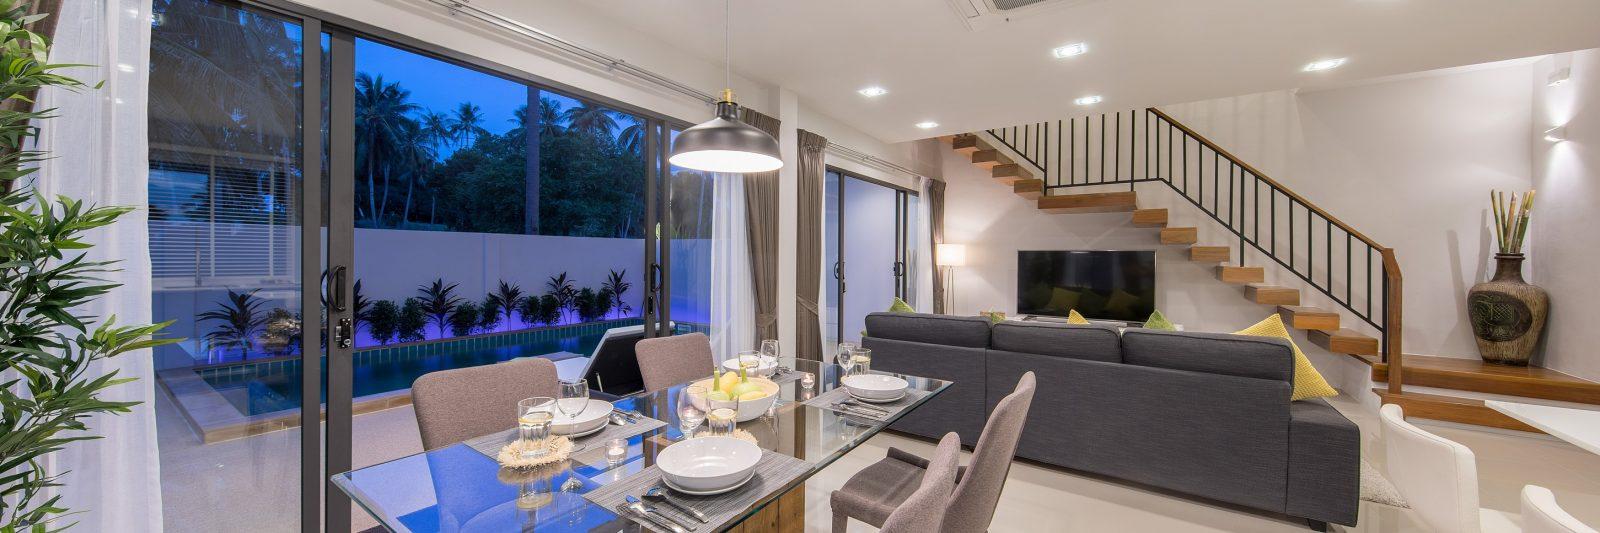 Plai Laem 3 bedroom luxury pool villas, Samui